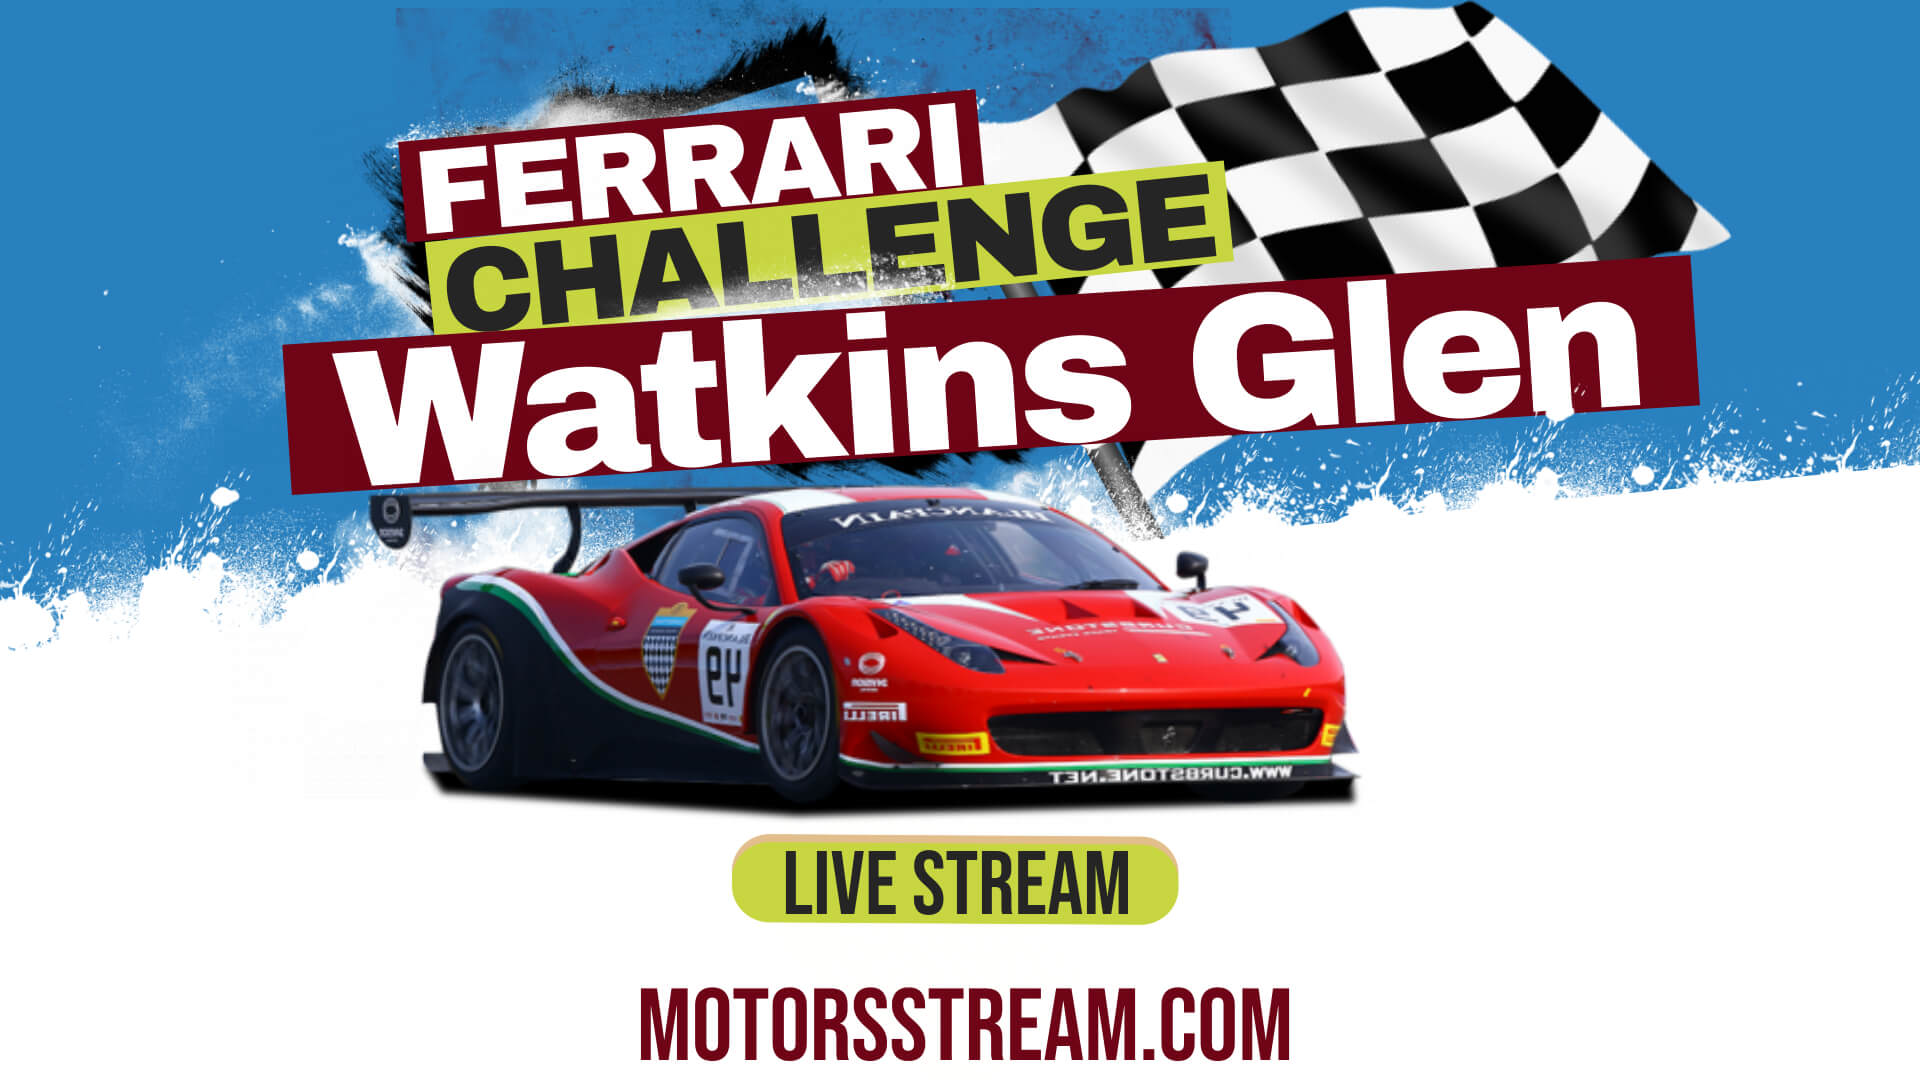 Ferrari Watkins Glen Live Stream